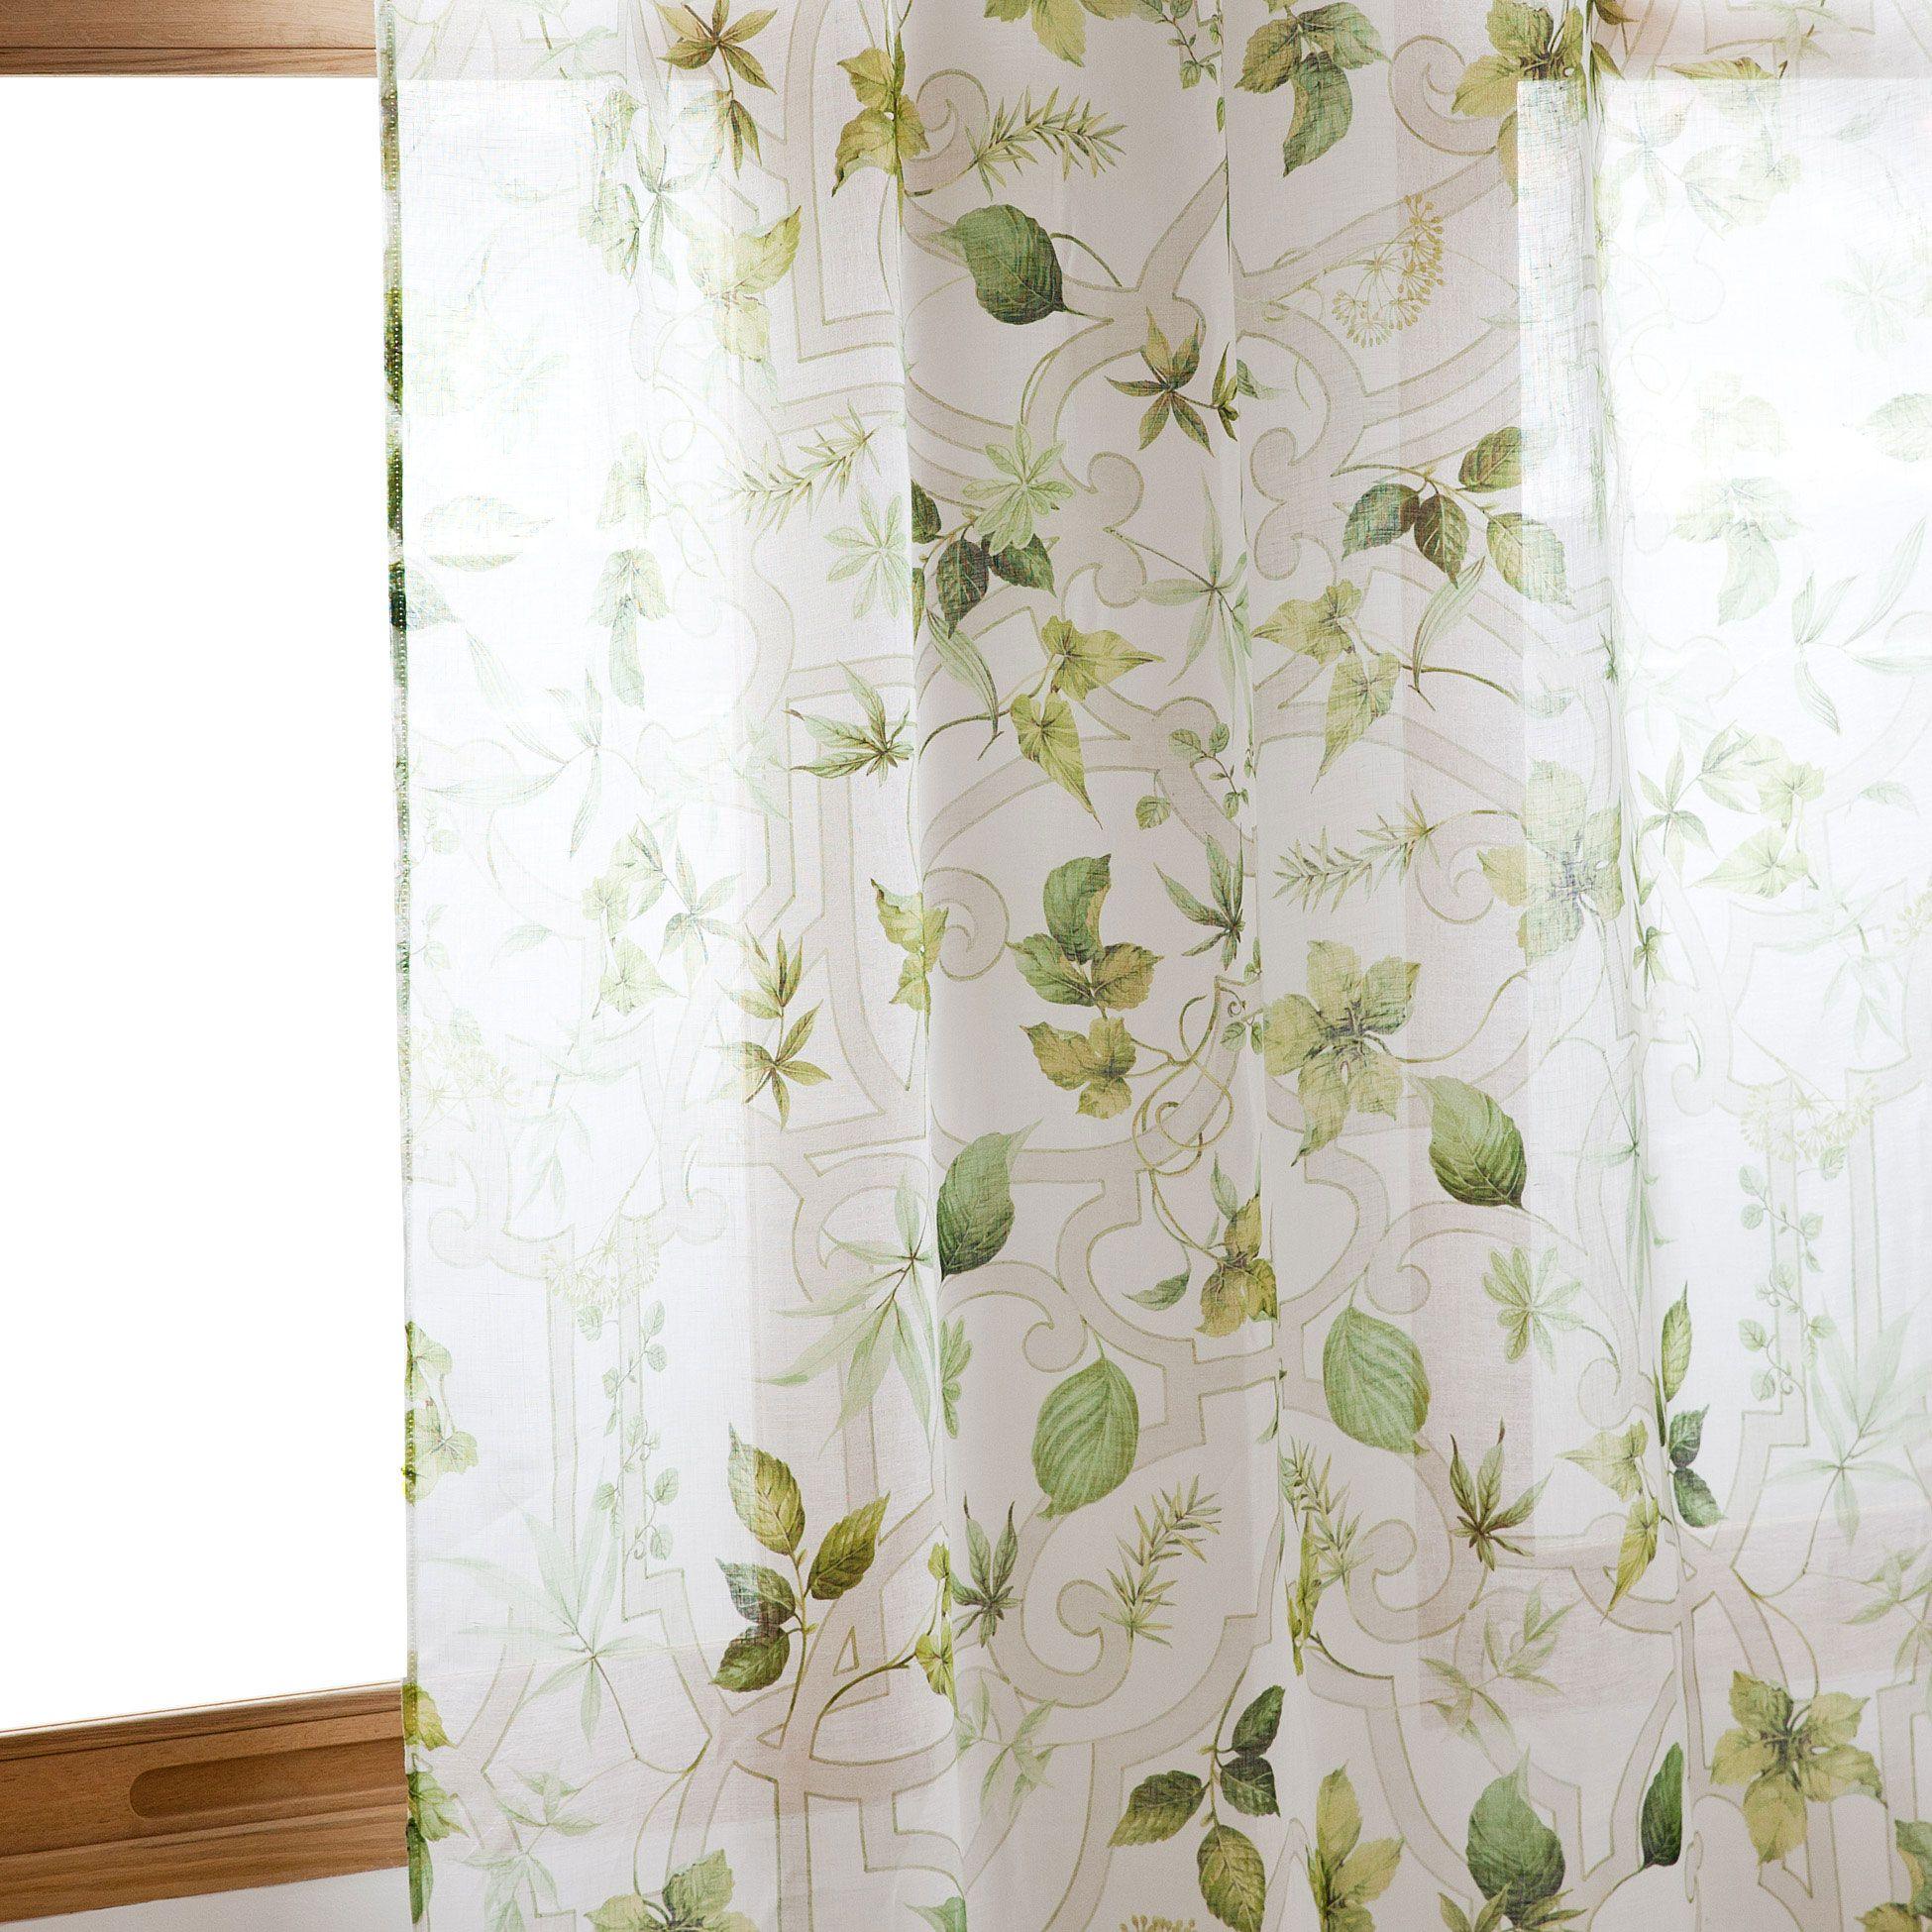 Cortina estampado vegetal cama nueva coleccion zara for Cortinas espana